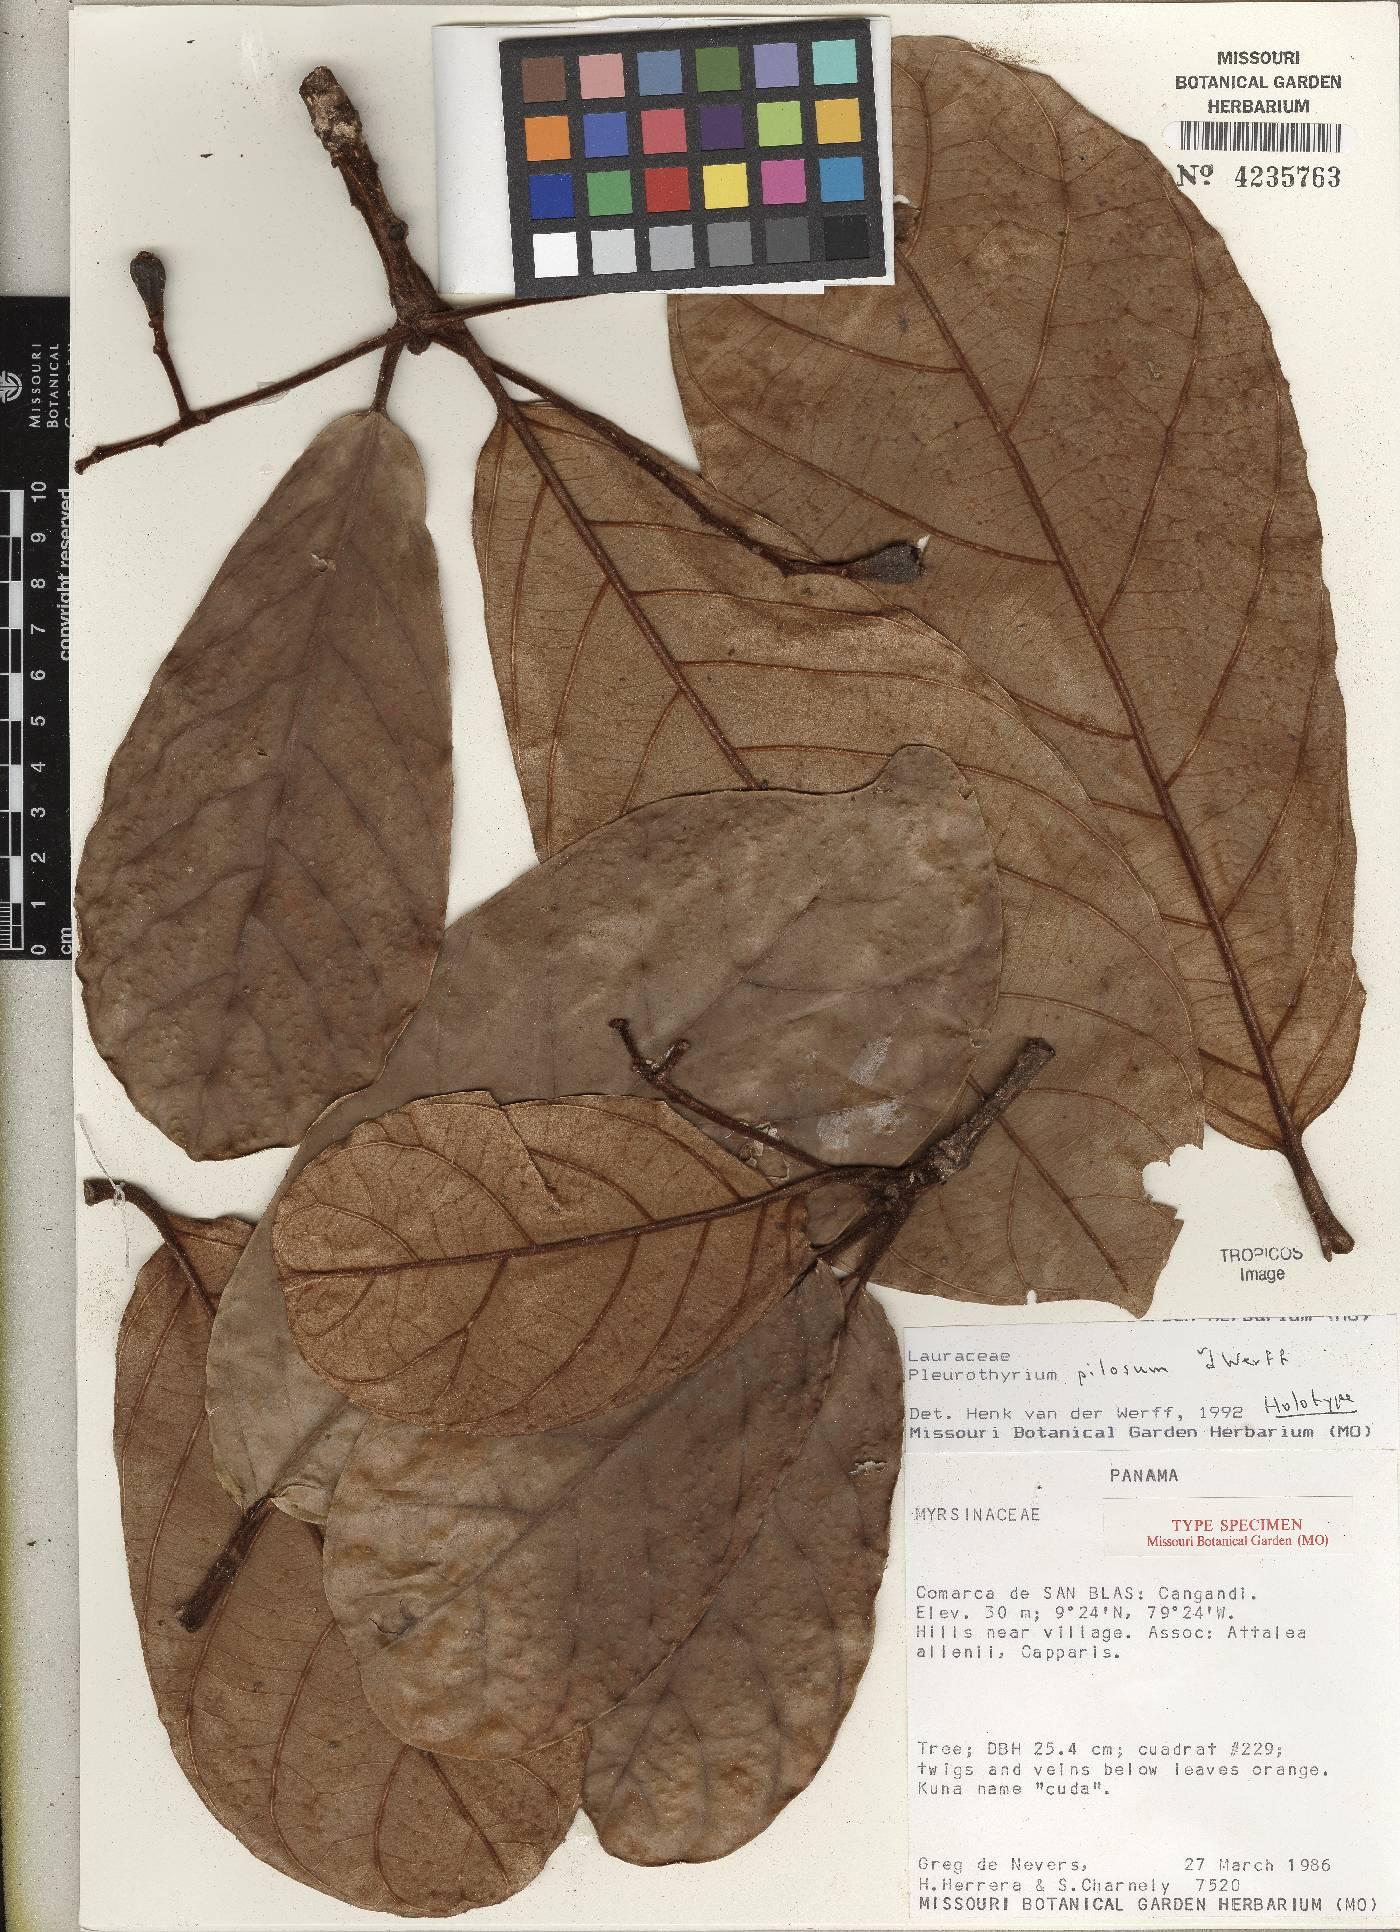 Pleurothyrium pilosum image